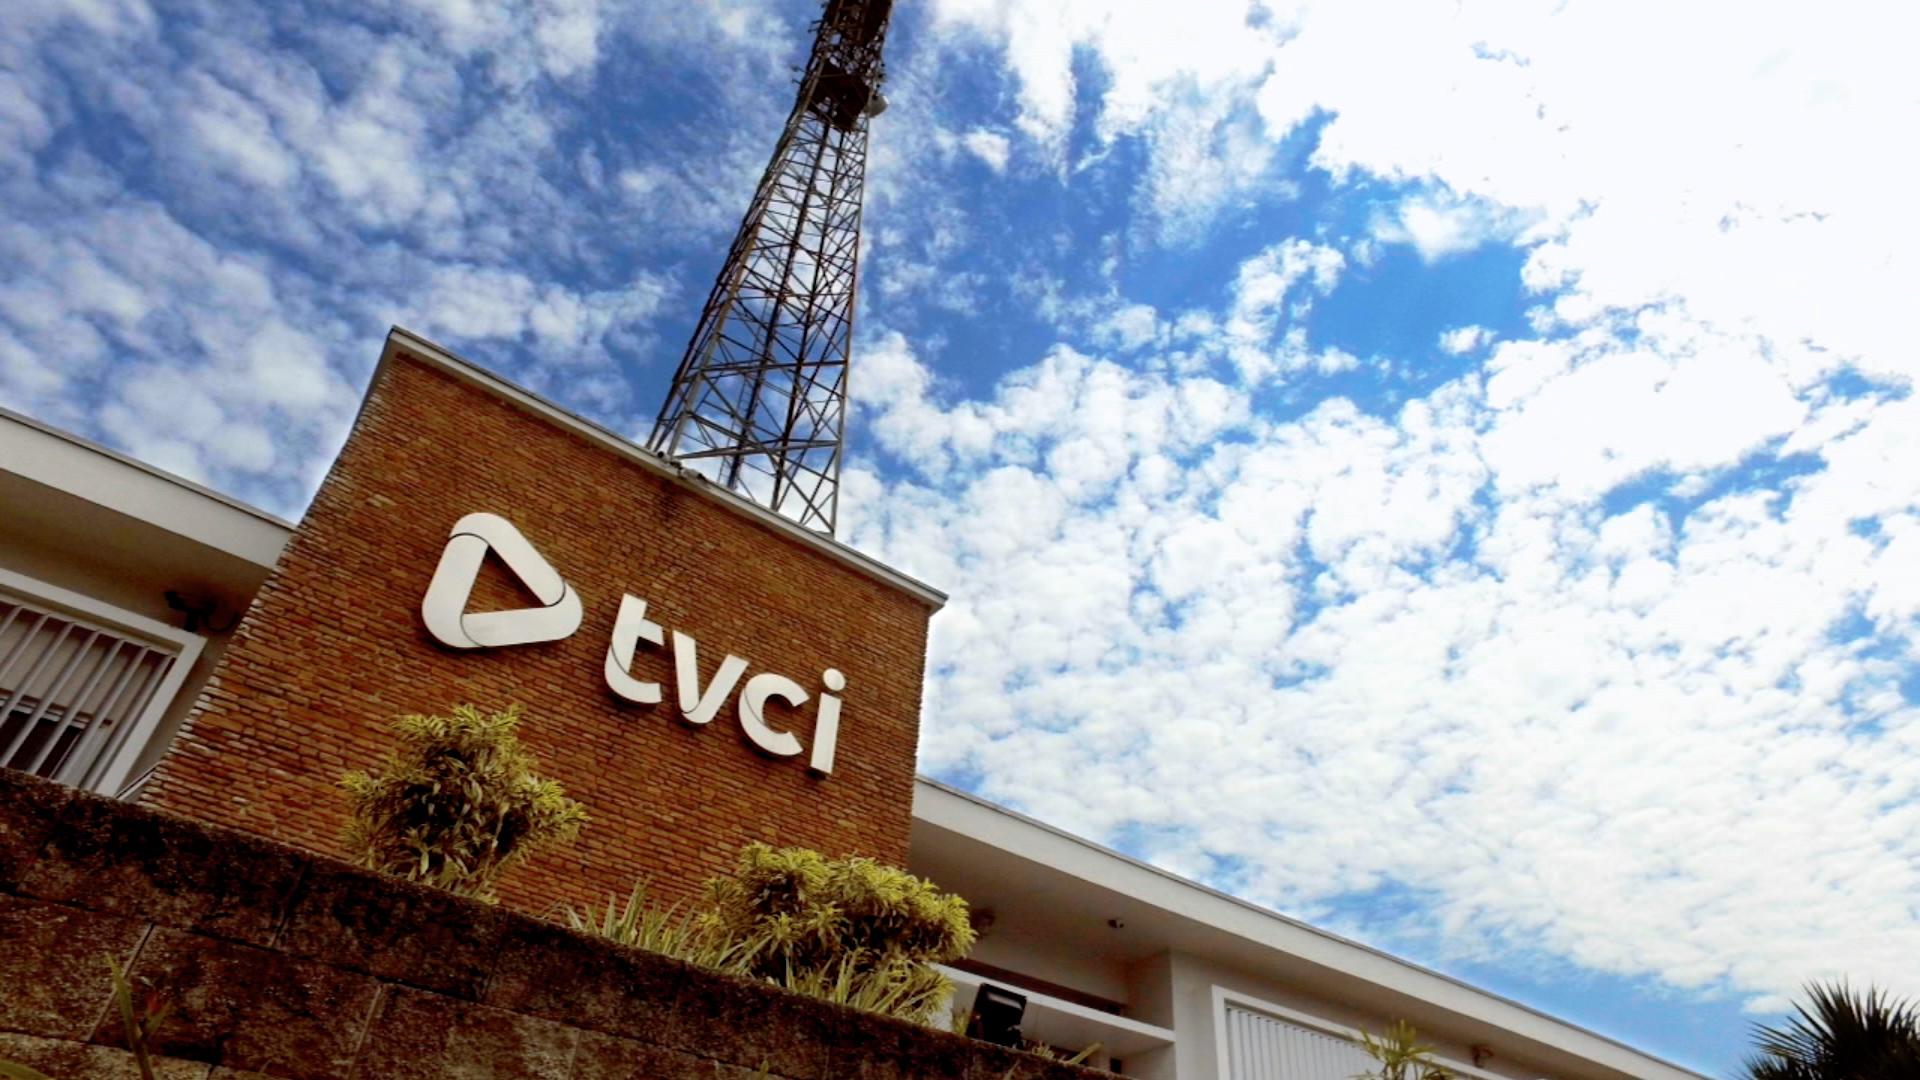 A partir de maio a TVCI abre o sinal para a região da capital paranaense